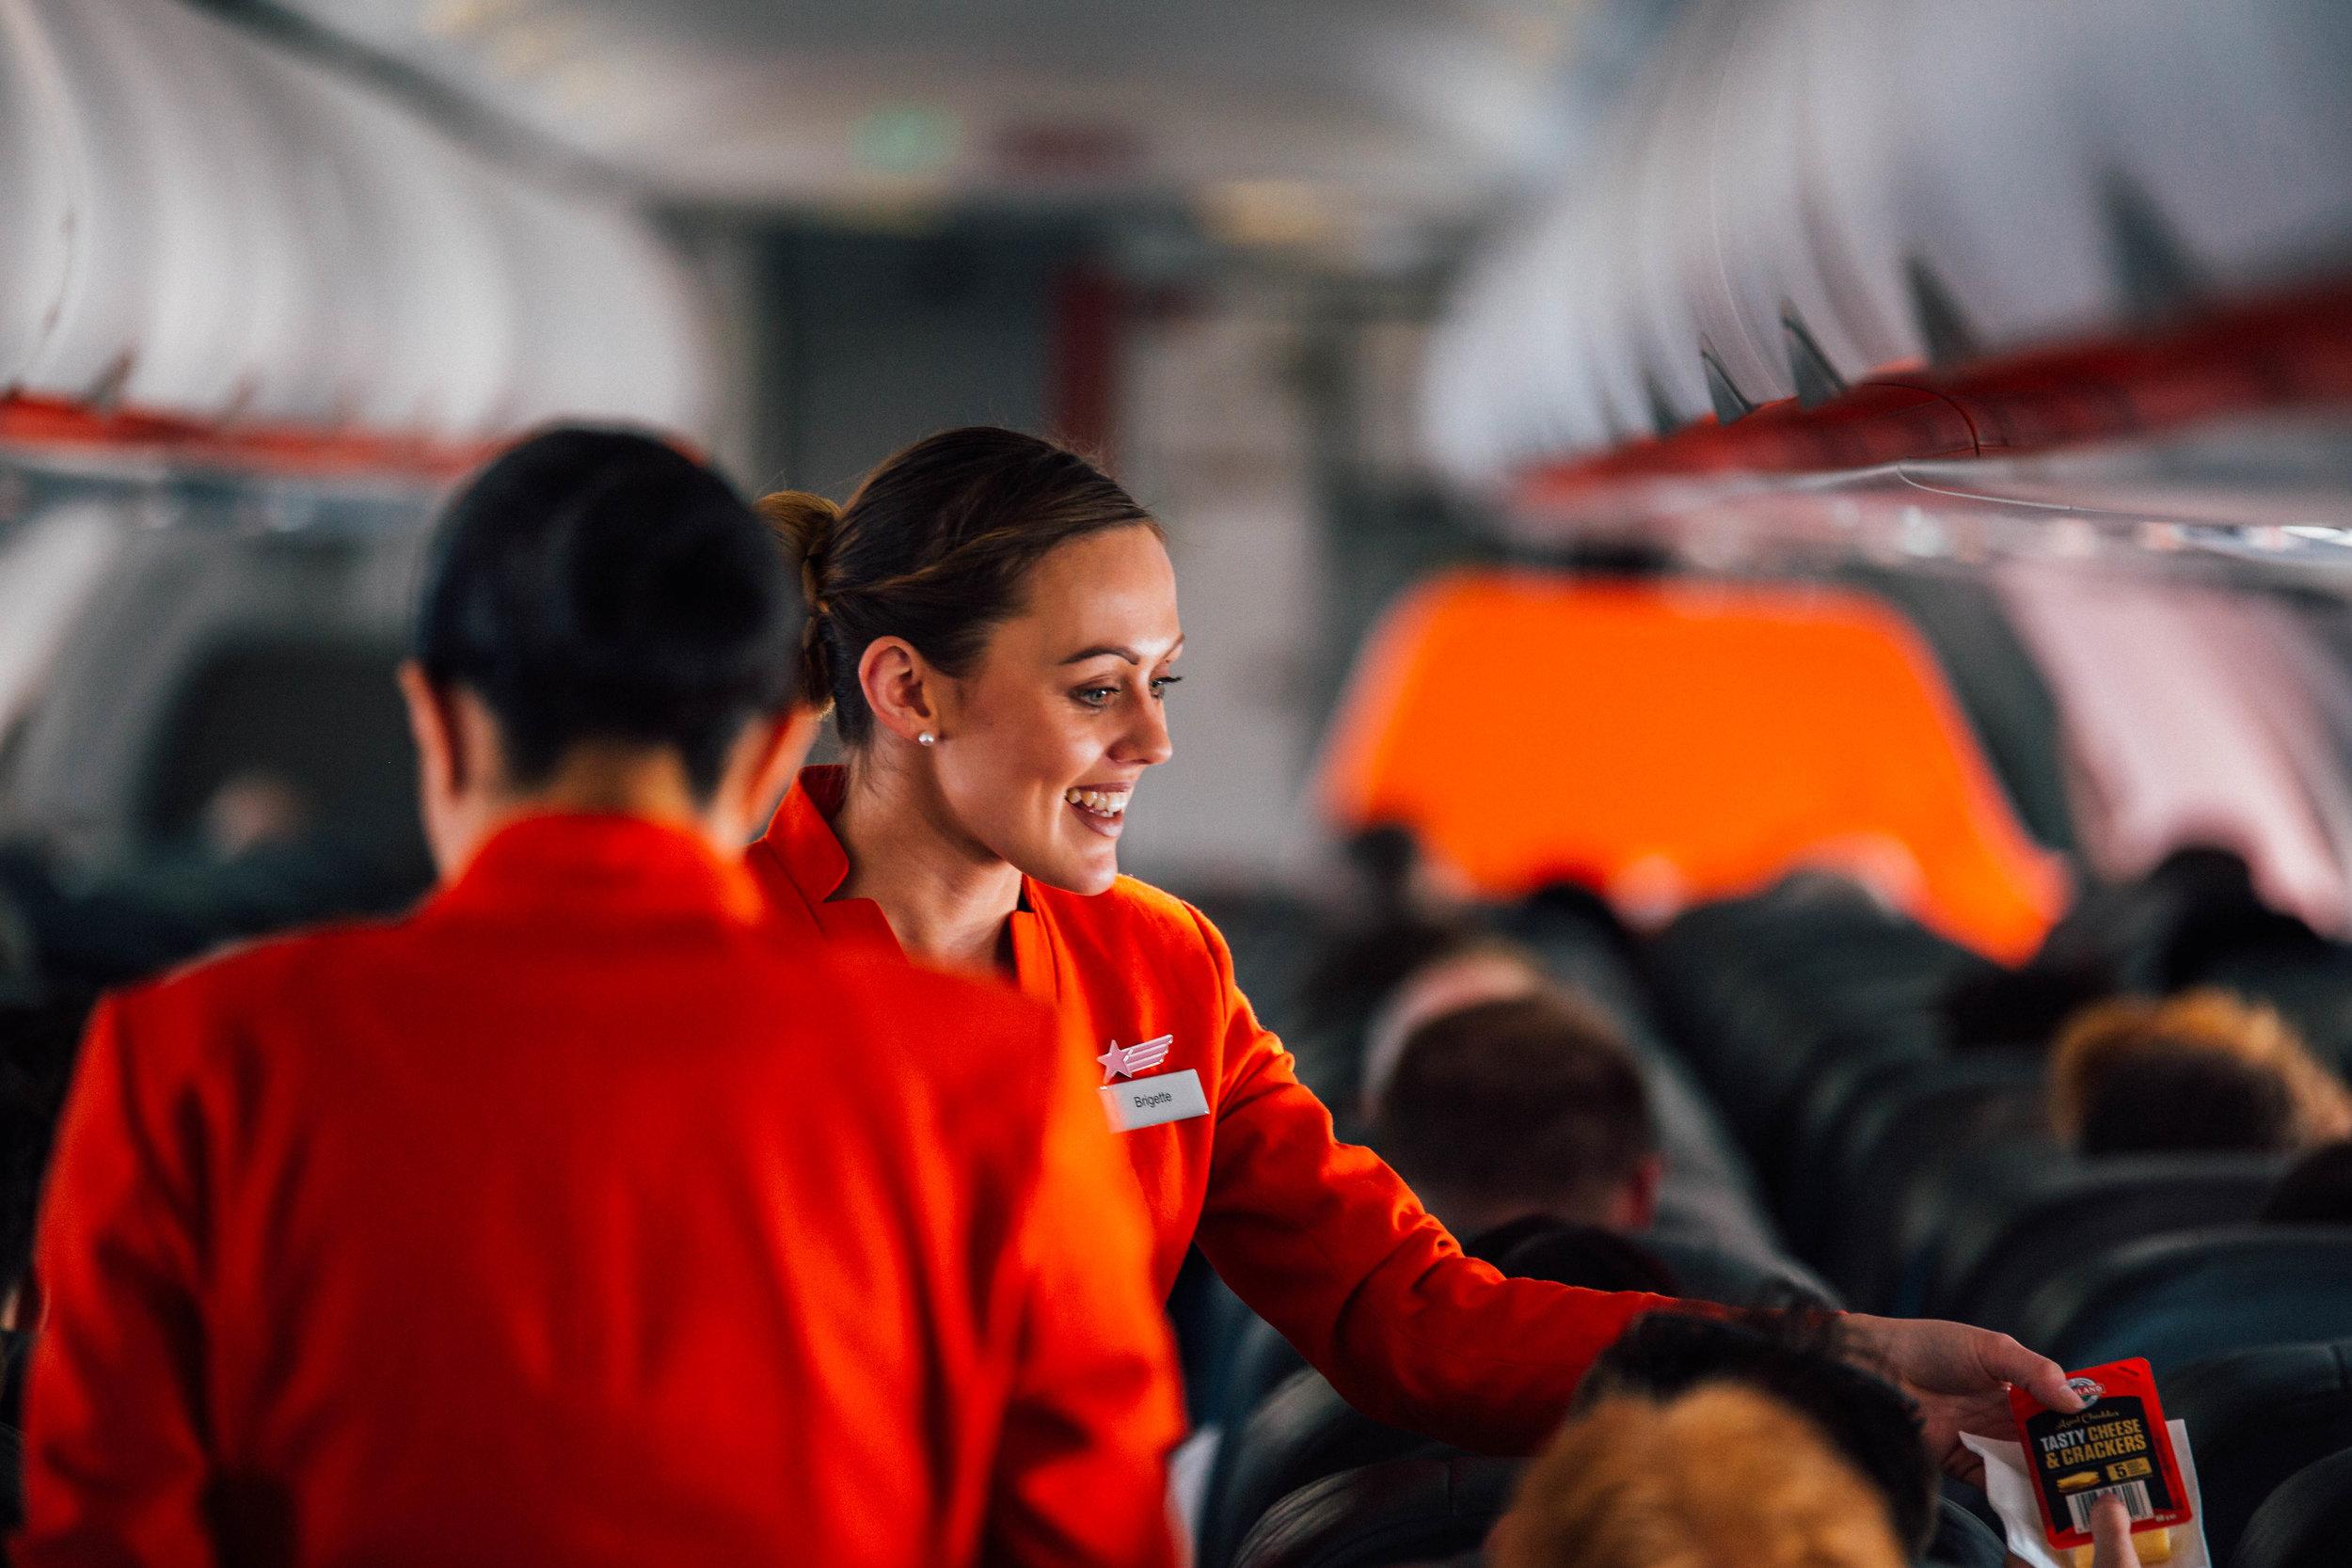 6.Jetstar_Cabin Crew-16.jpg